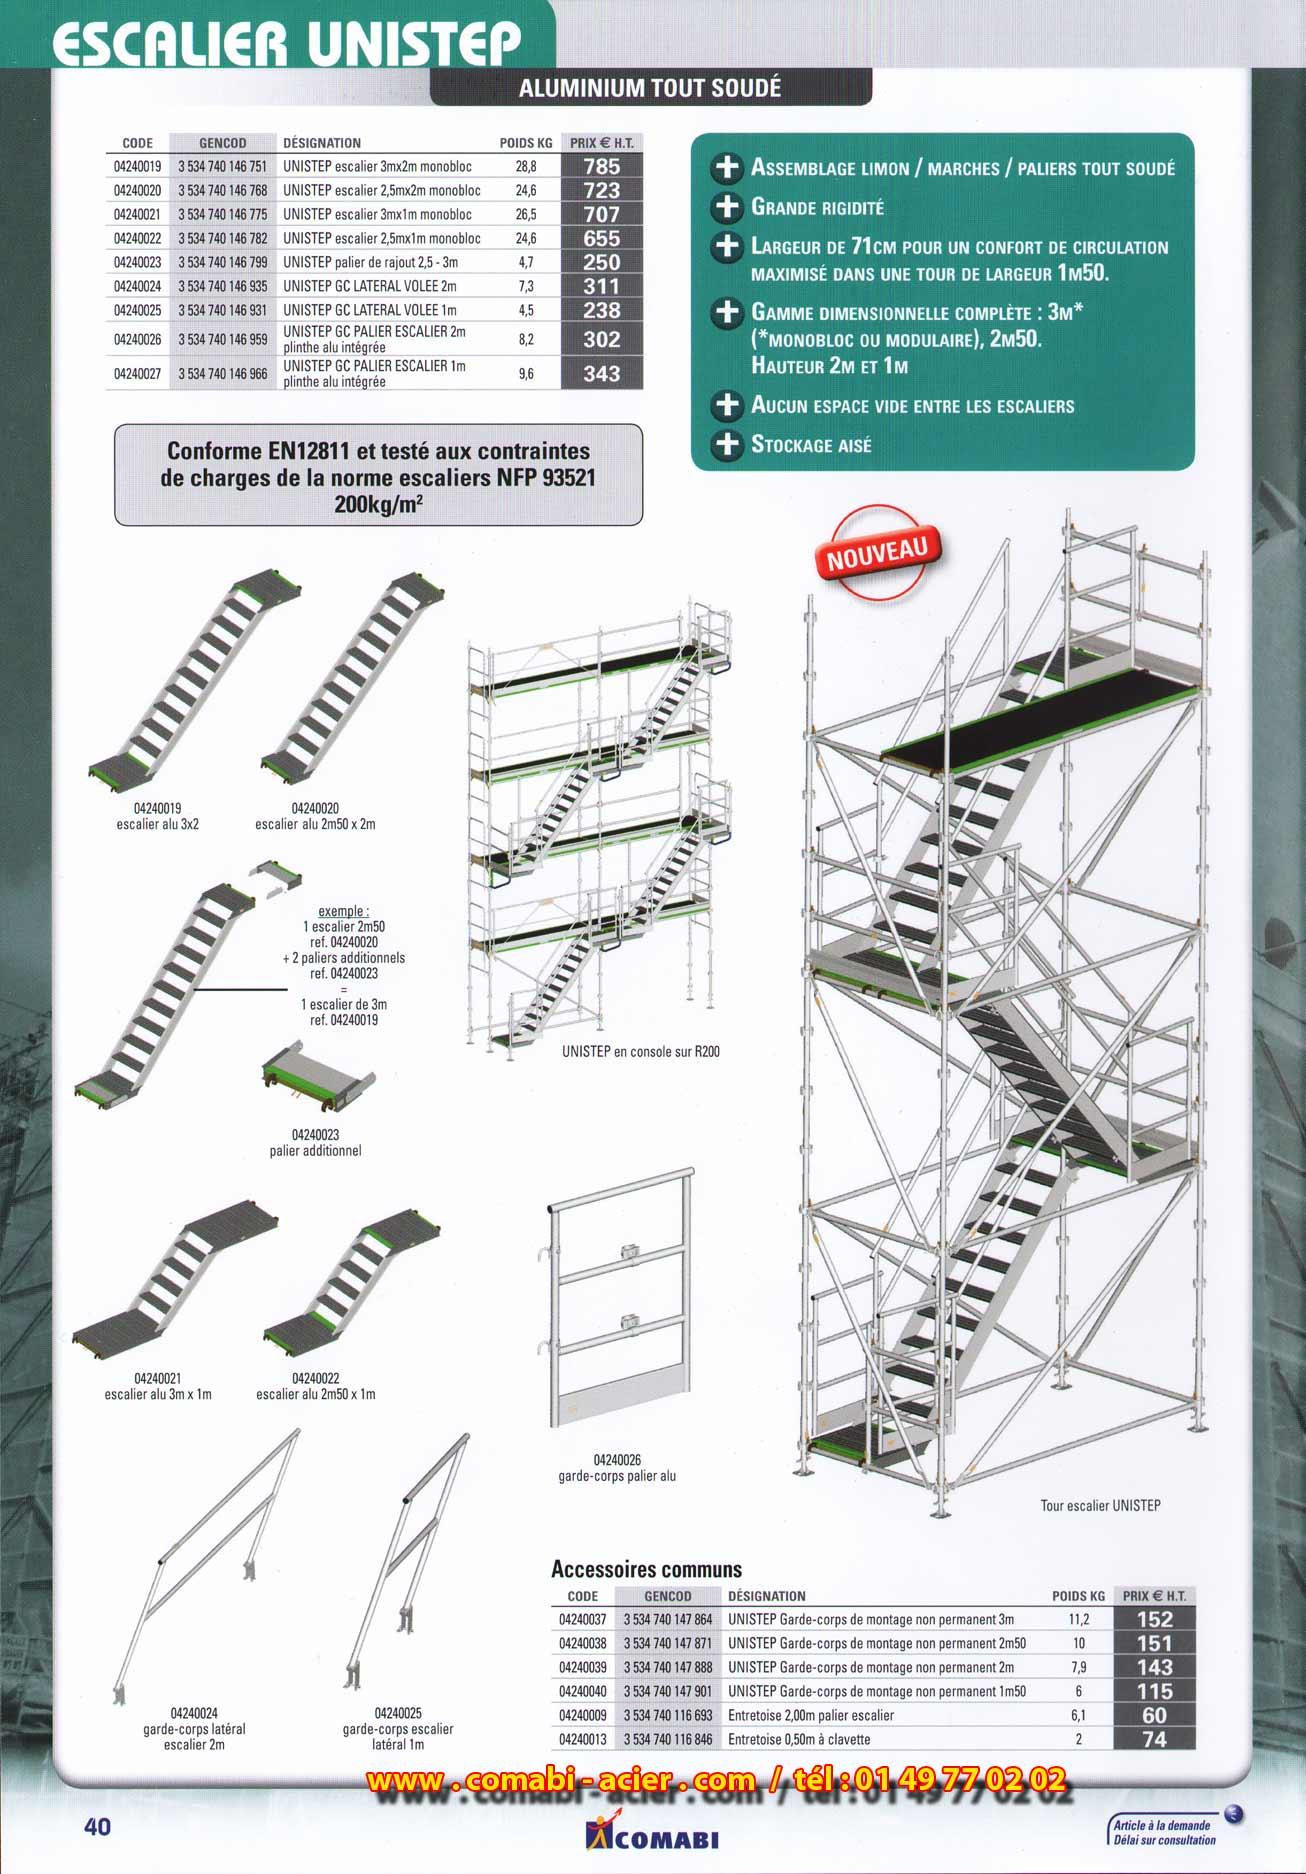 Page n 40 de 2013 escalier unistep tout aluminium tour d for Escalier escamotable grande largeur